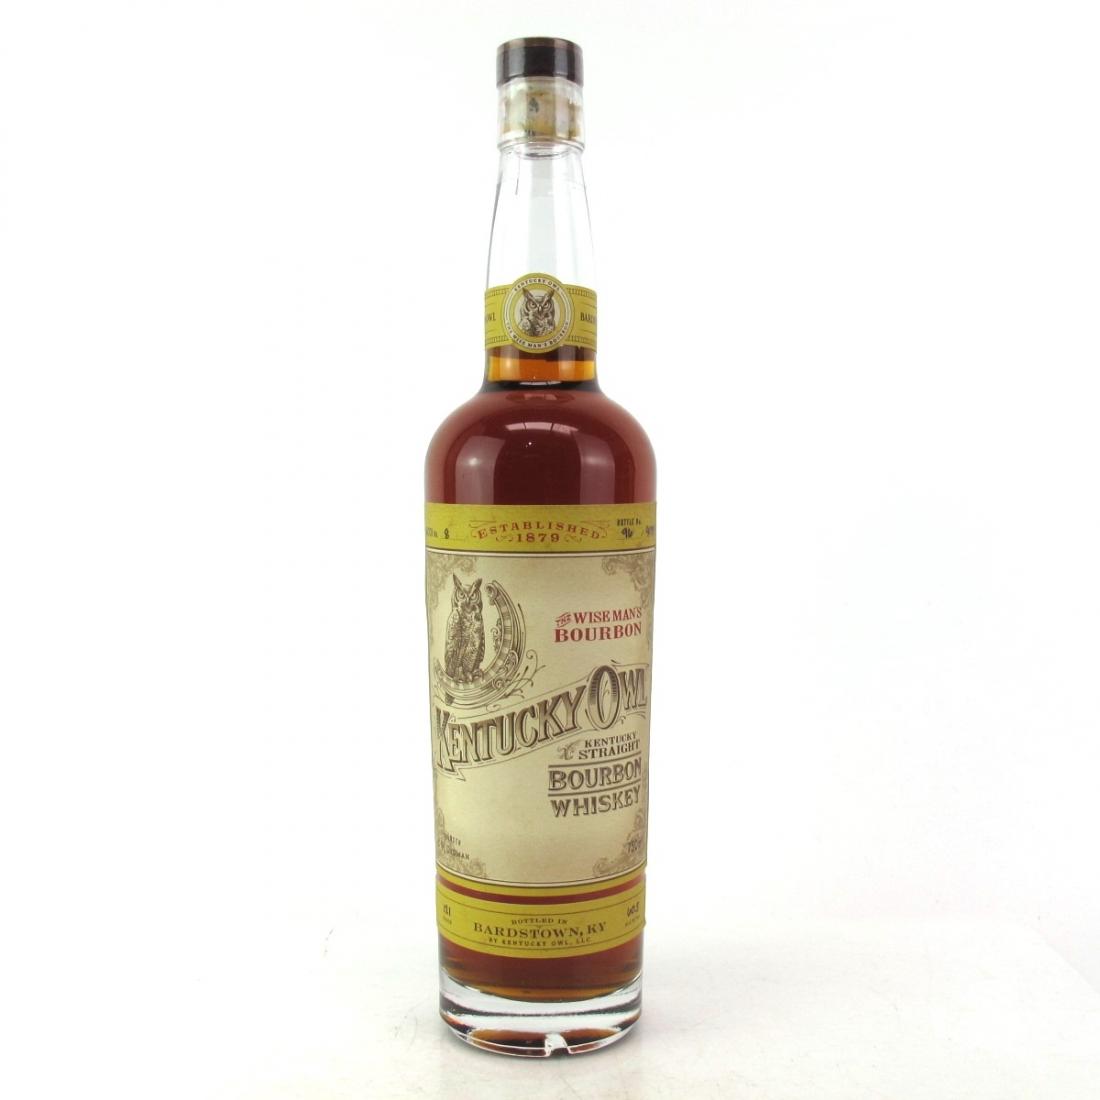 Kentucky Owl Straight Bourbon Batch #8